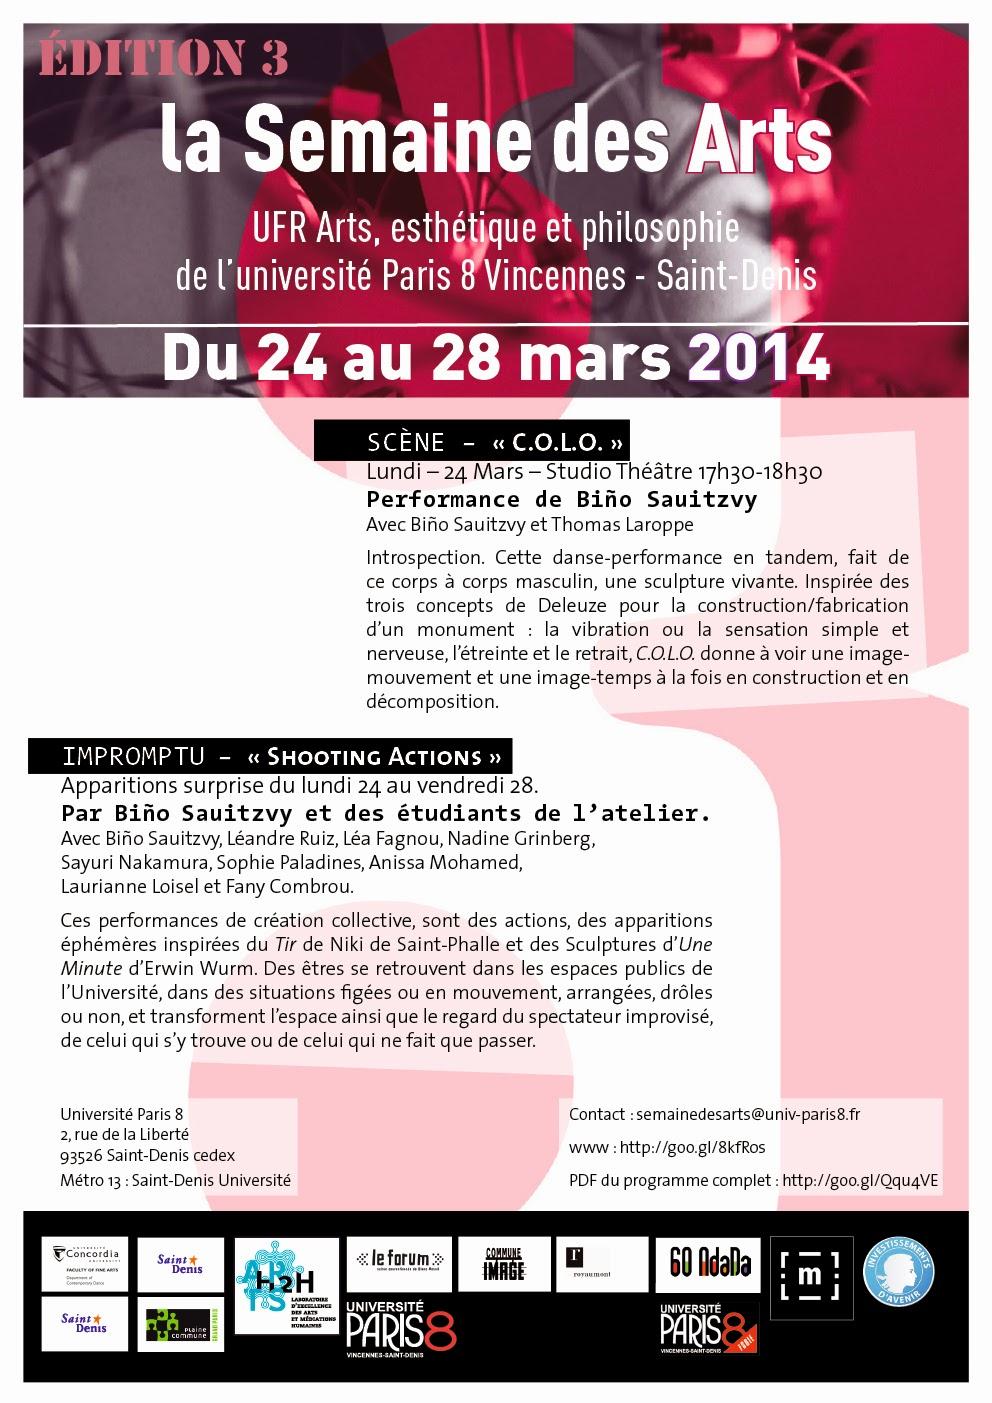 Troisième édition de la Semaine des Arts UFR Arts, esthétique et philosophie de l'université Paris